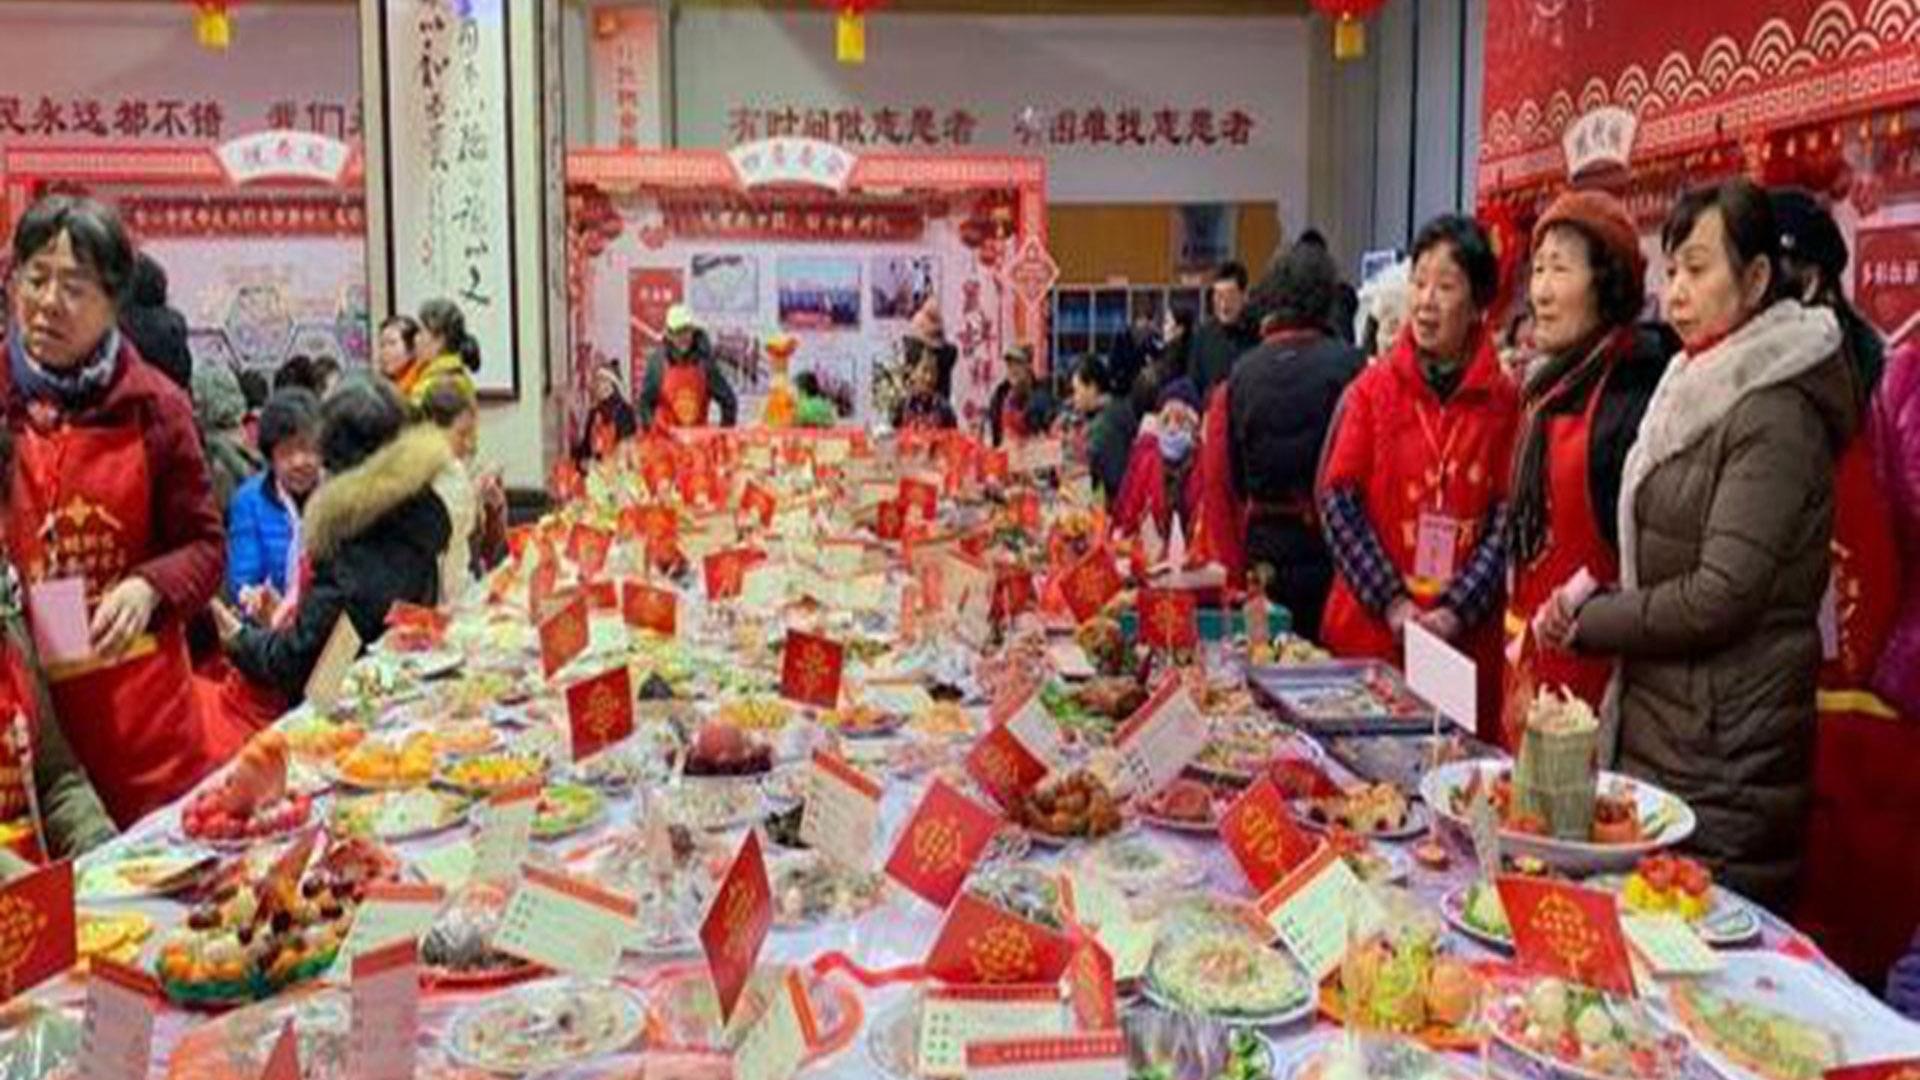 """武汉政府召集过万家庭举办""""万家宴""""庆祝新年。(Public Domain)"""